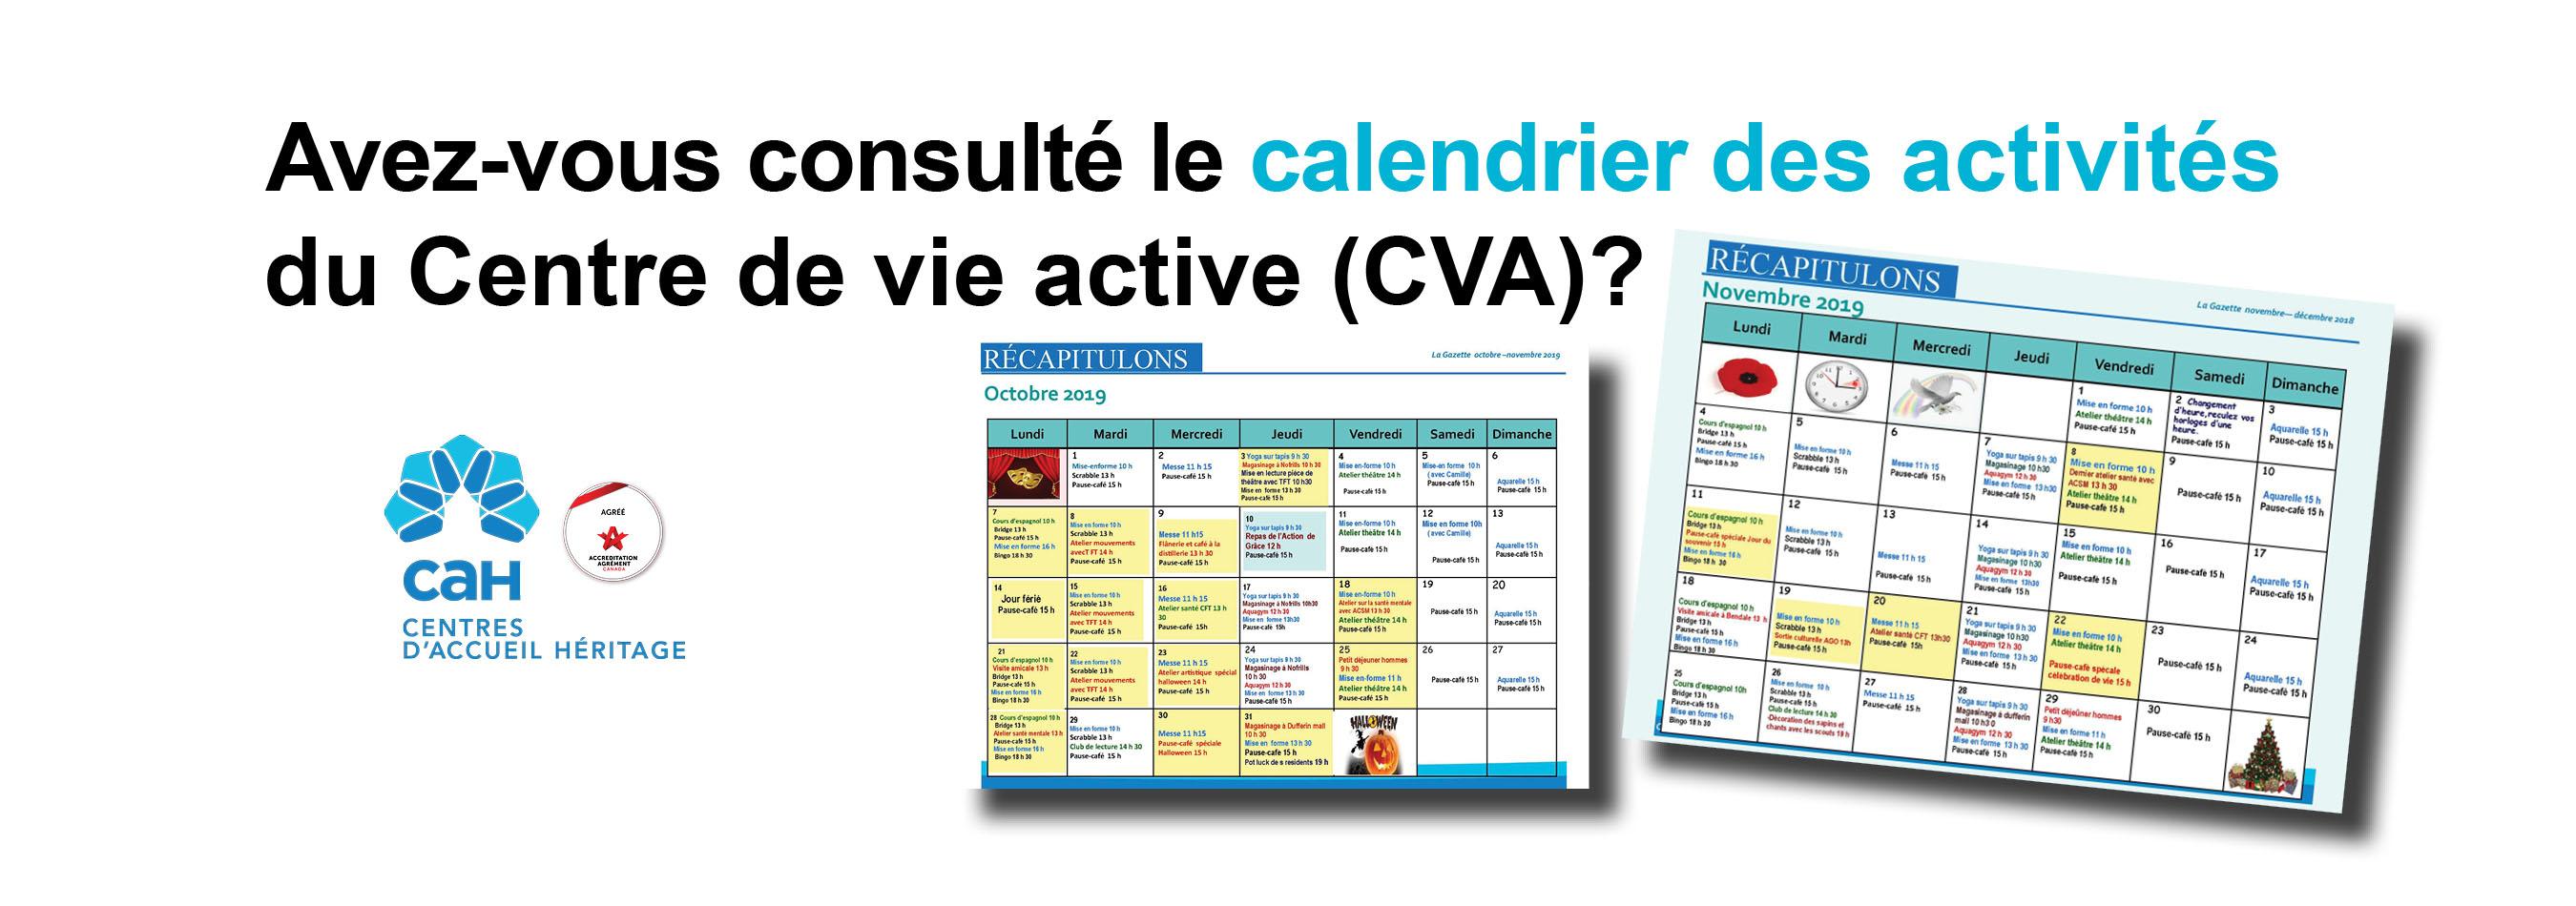 Les activités du Centre de vie active (CVA)